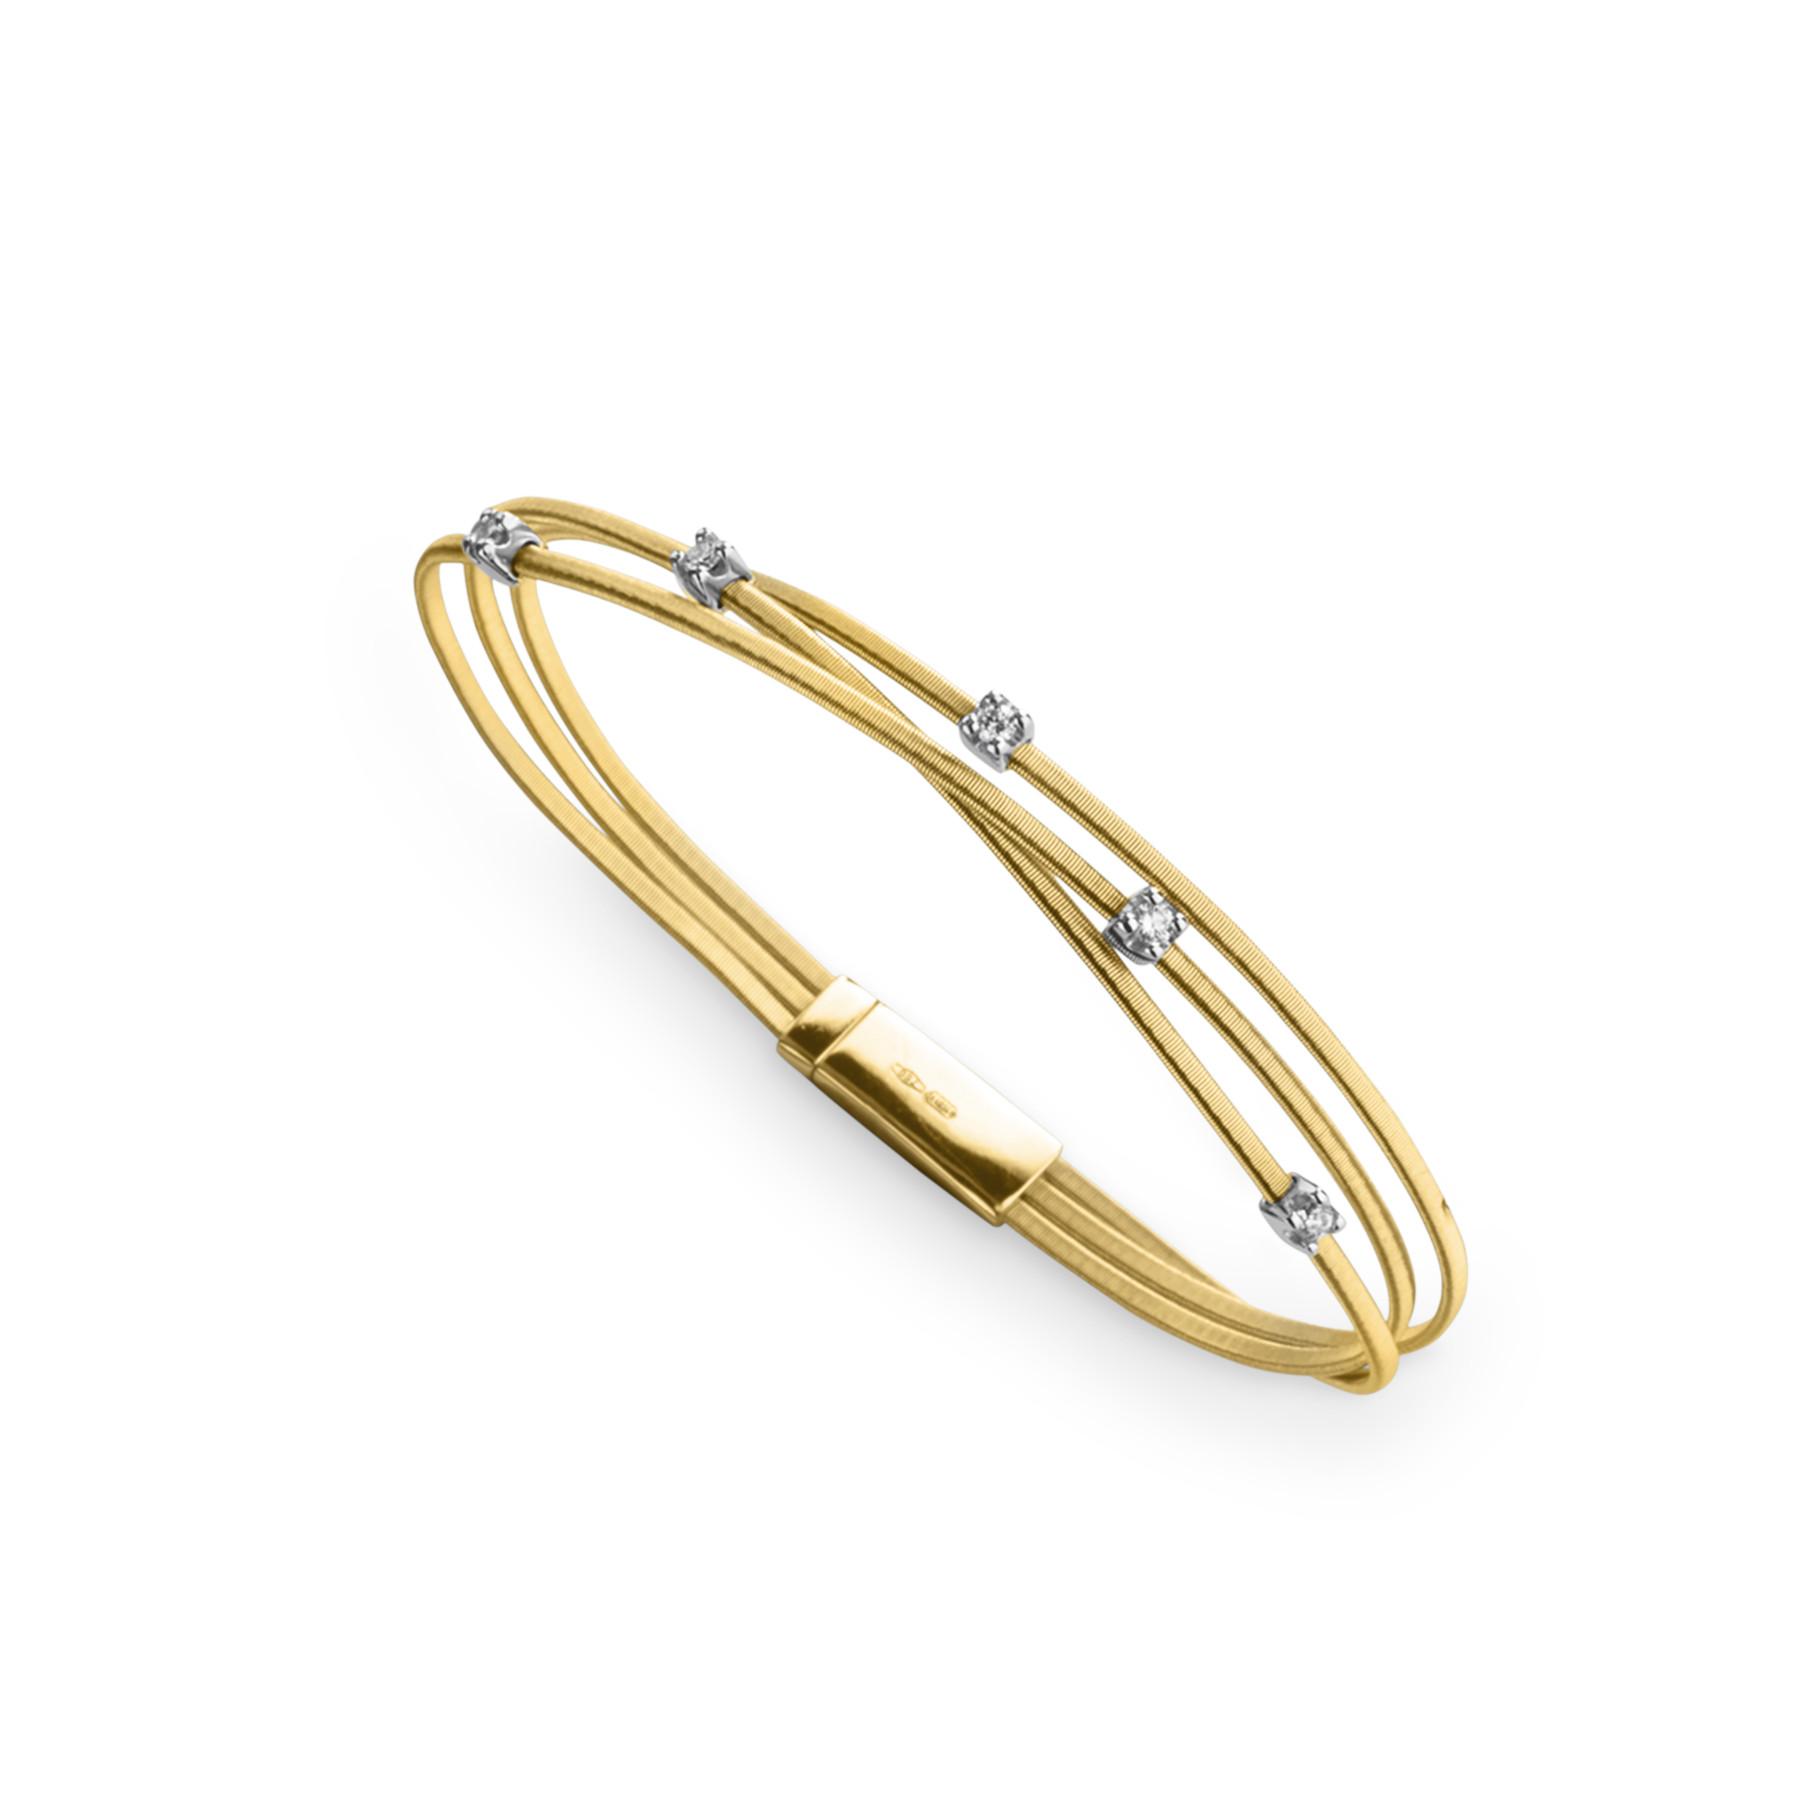 Marco Bicego Goa 3-Strand Bracelet with Diamonds